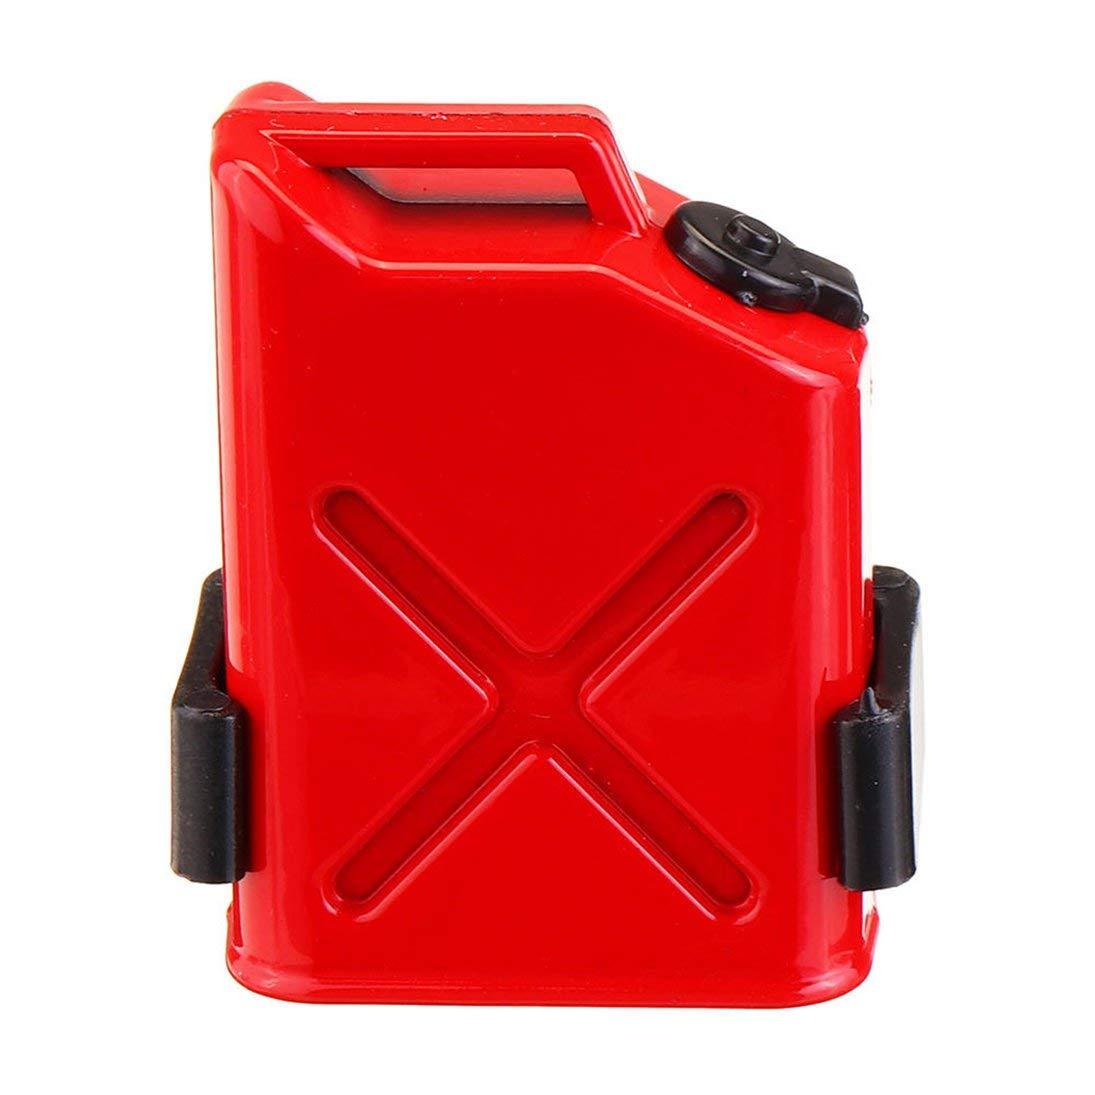 WEIHAN T-power 1//10 r/éservoir de carburant en plastique RC chenille voiture pi/èces de d/écoration tambour dhuile pour TRX4 scx10 90046 Wrangler JK D90 D110 accessoires de voiture rouge